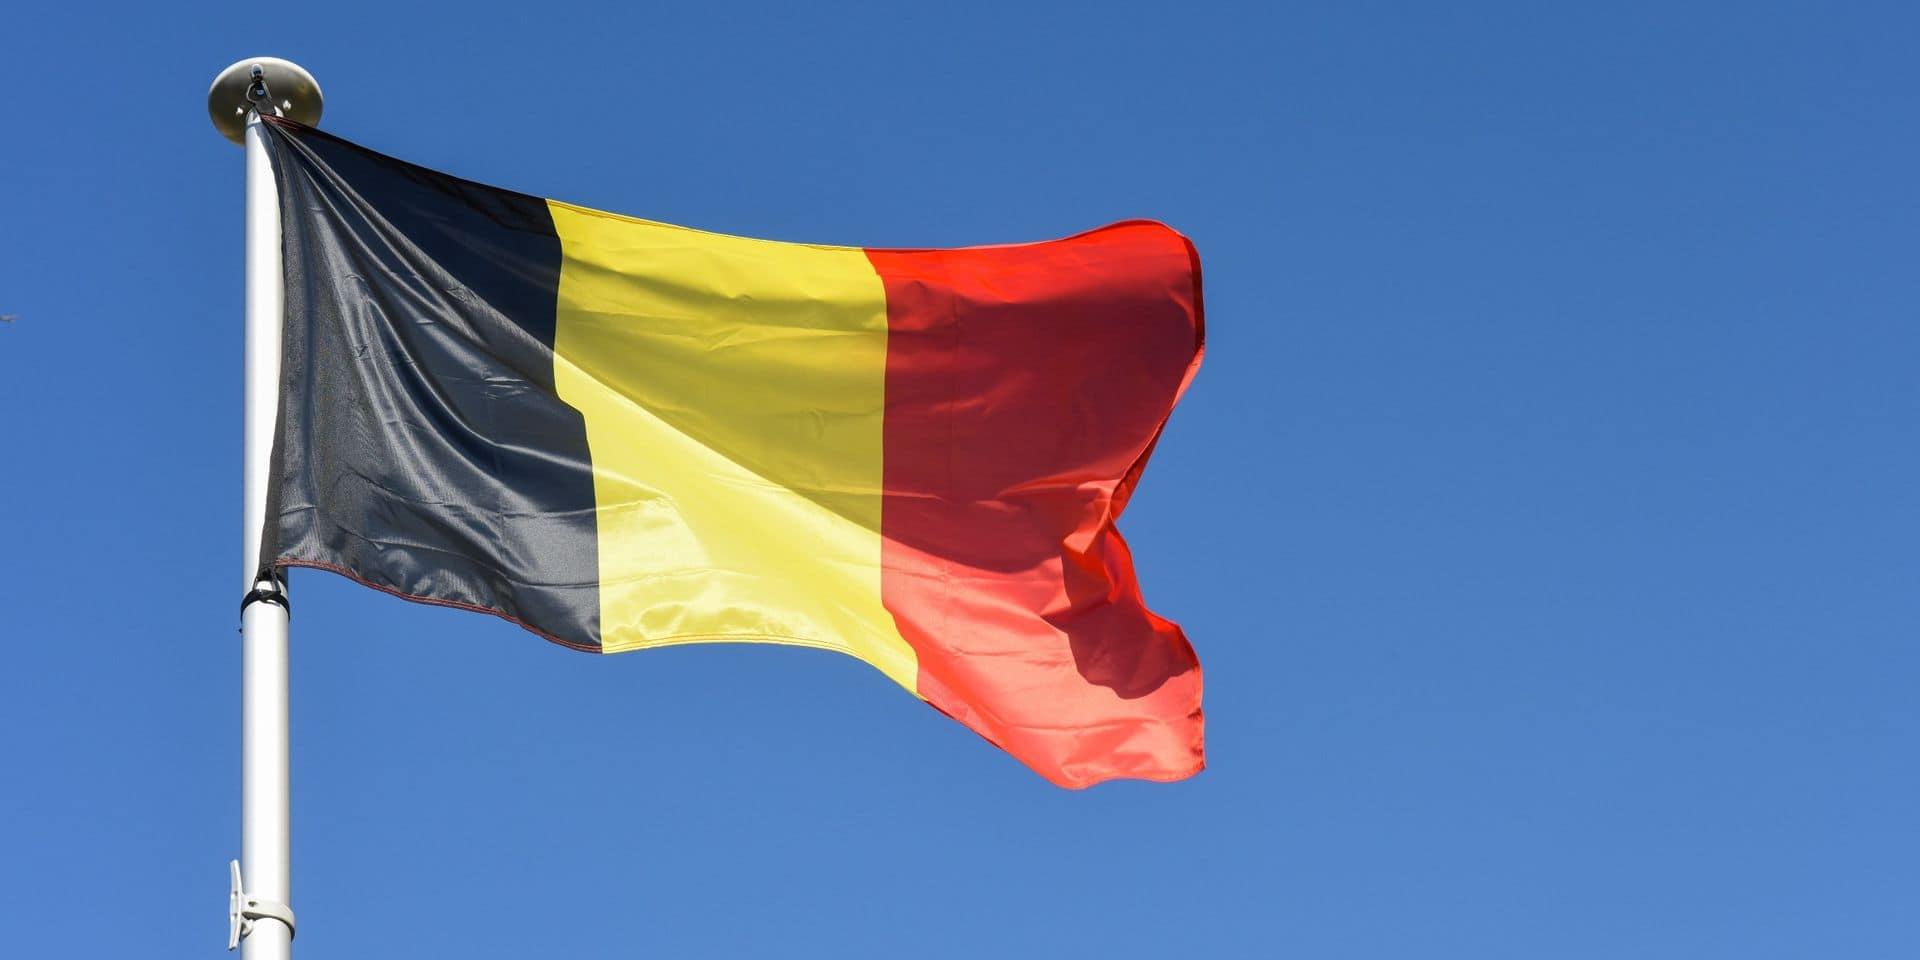 La Commission européenne ouvrira une procédure d'infraction contre la Belgique